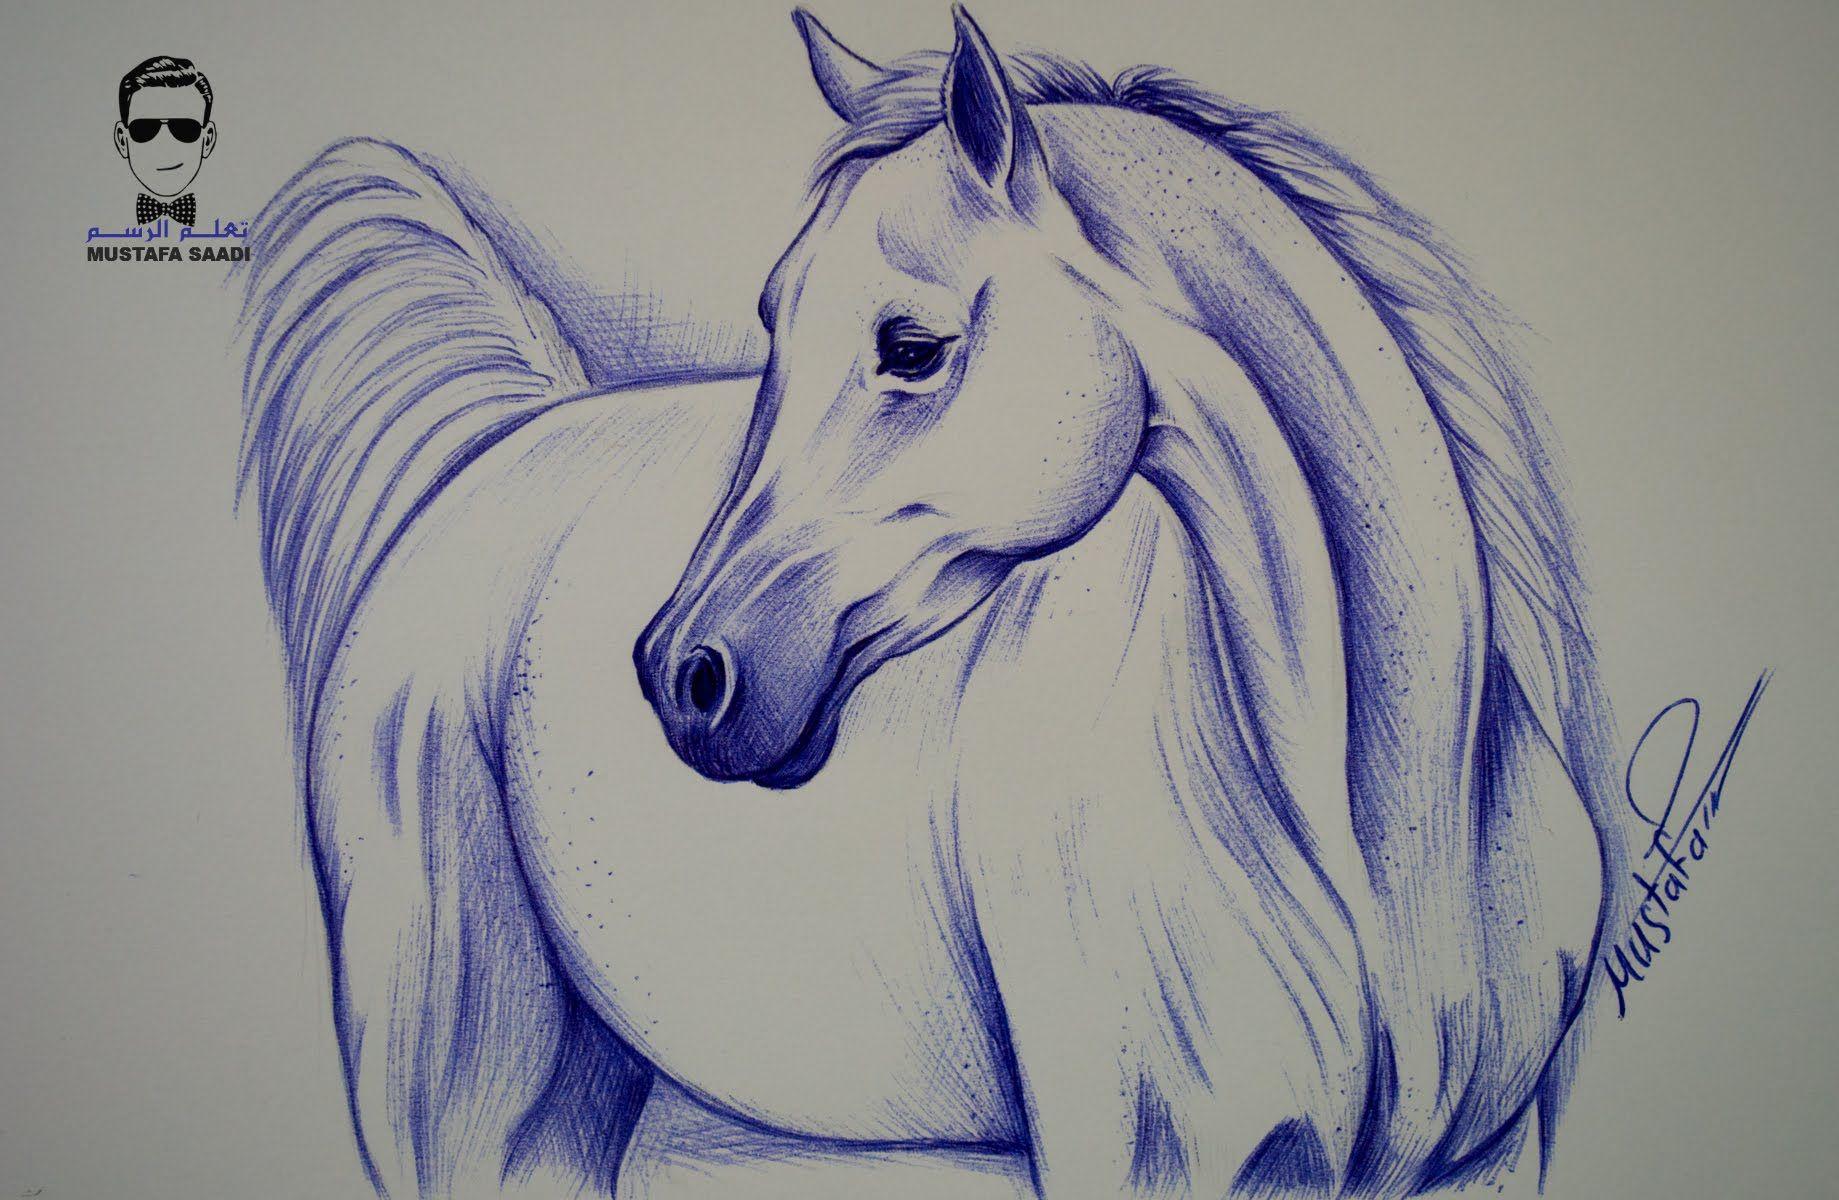 تعلم كيفية رسم حصان بالقلم الجاف الحبر مع الخطوات للمبتدئين Vinyl Art Paint Animal Drawings Drawings